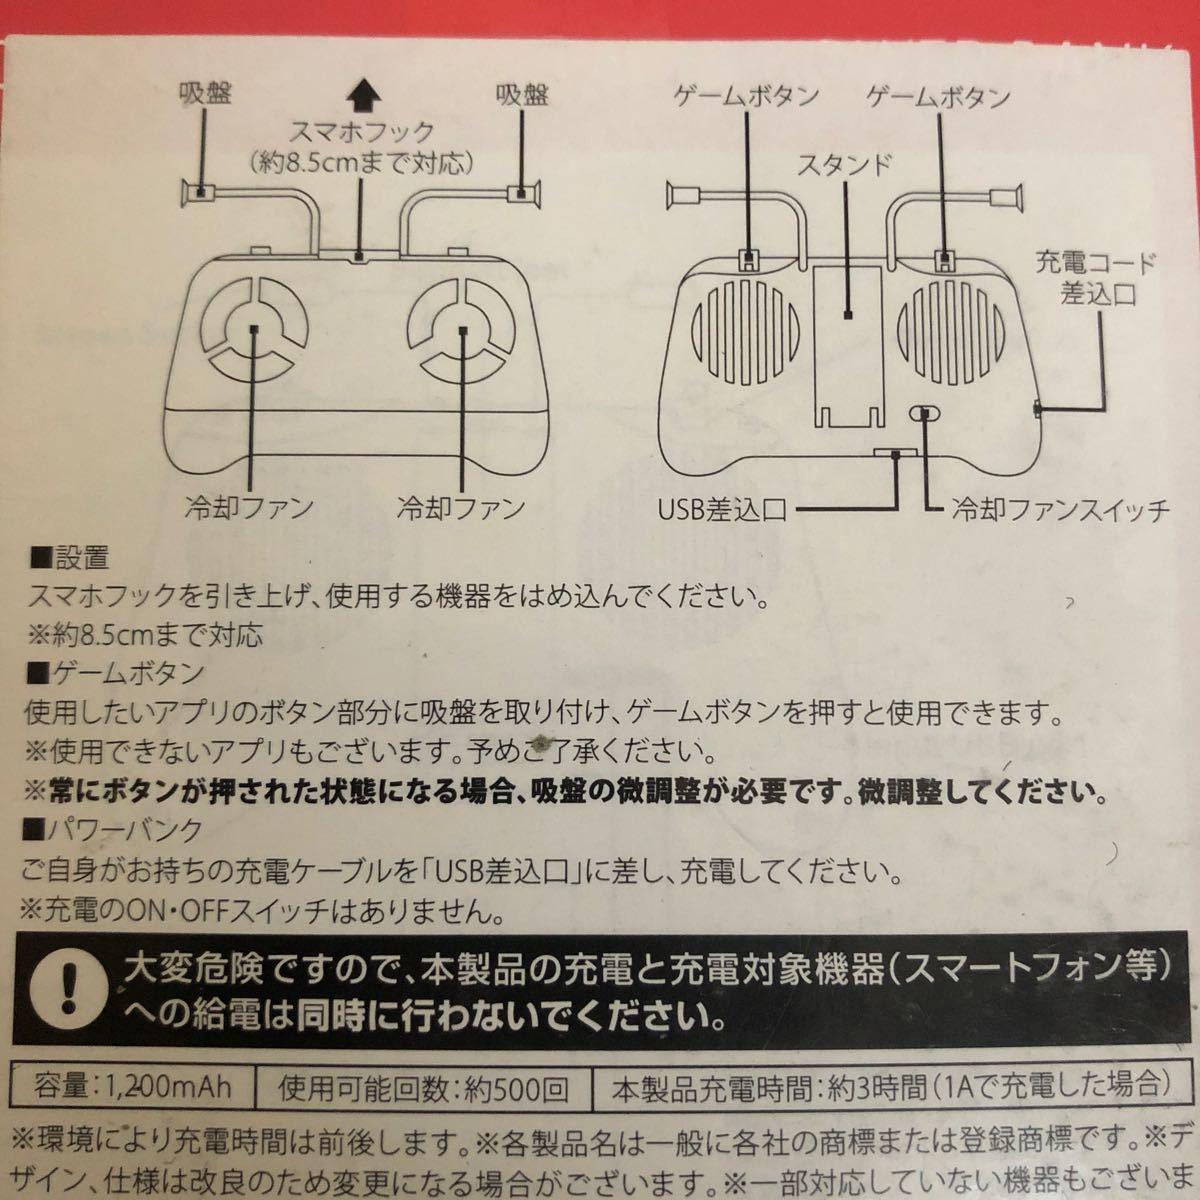 冷却ファン付きスマホゲームコントローラー            未開封  容量1200mAh 【今だけ価格】